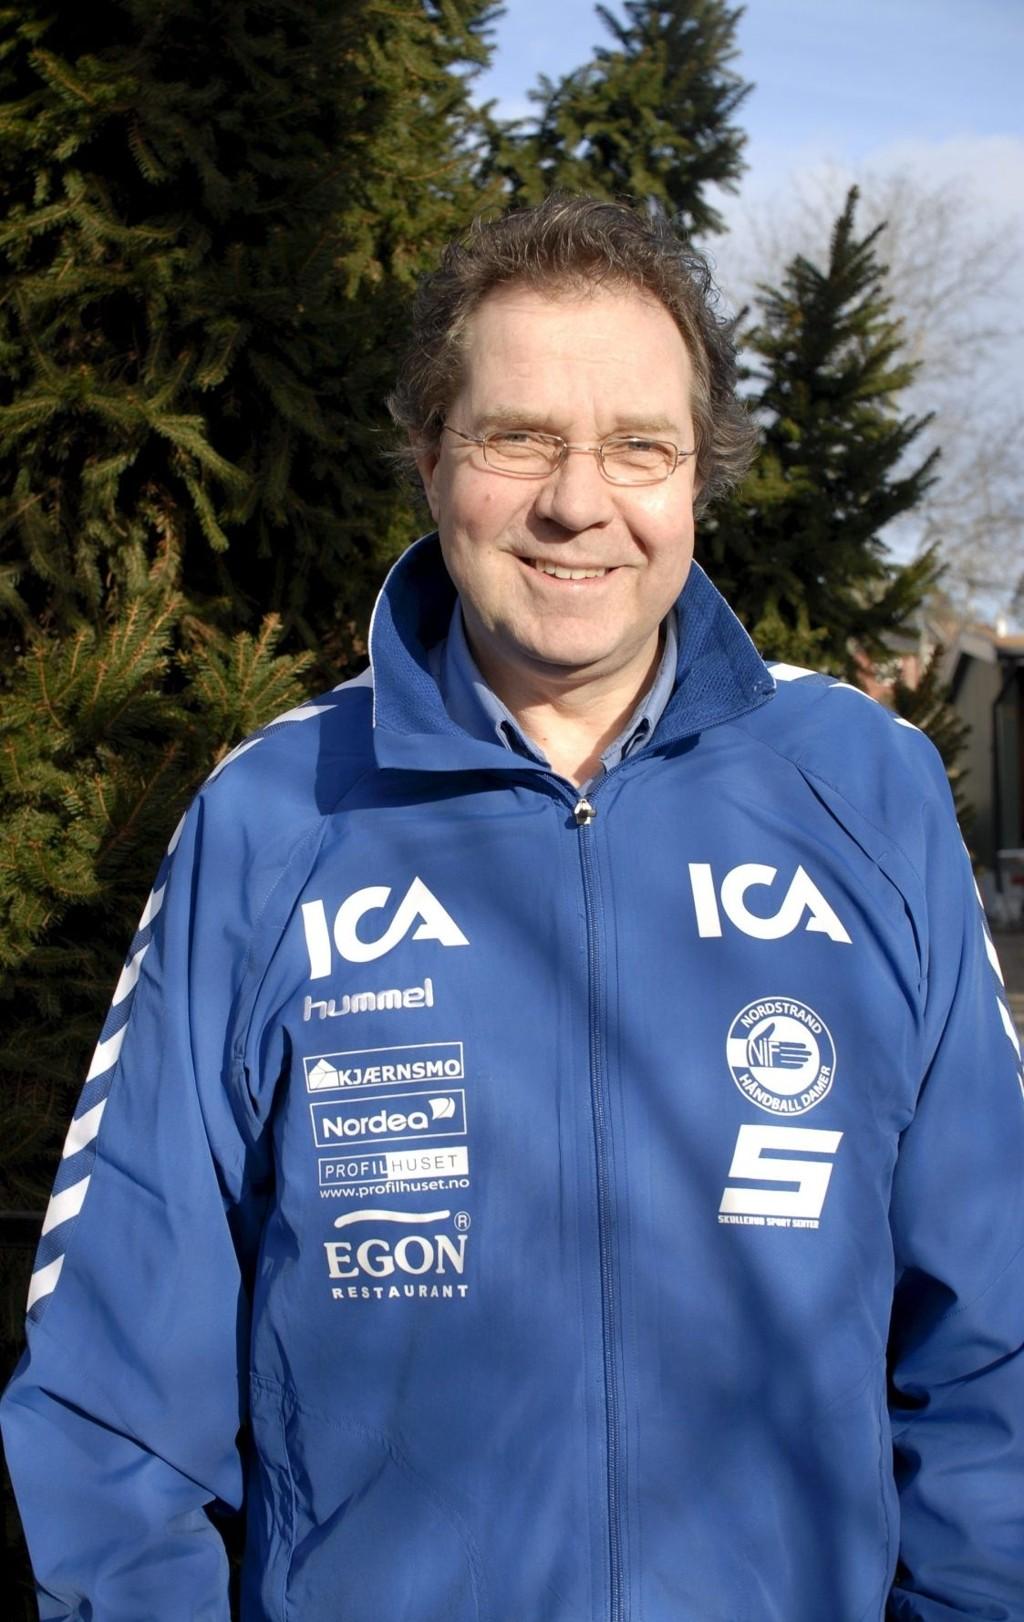 GIKK BORT: Tidlig i forrige uke døde Sten Christian Hanssen, og håndballgruppa i Nordstrand mistet en av sine virkelig store ildsjeler.